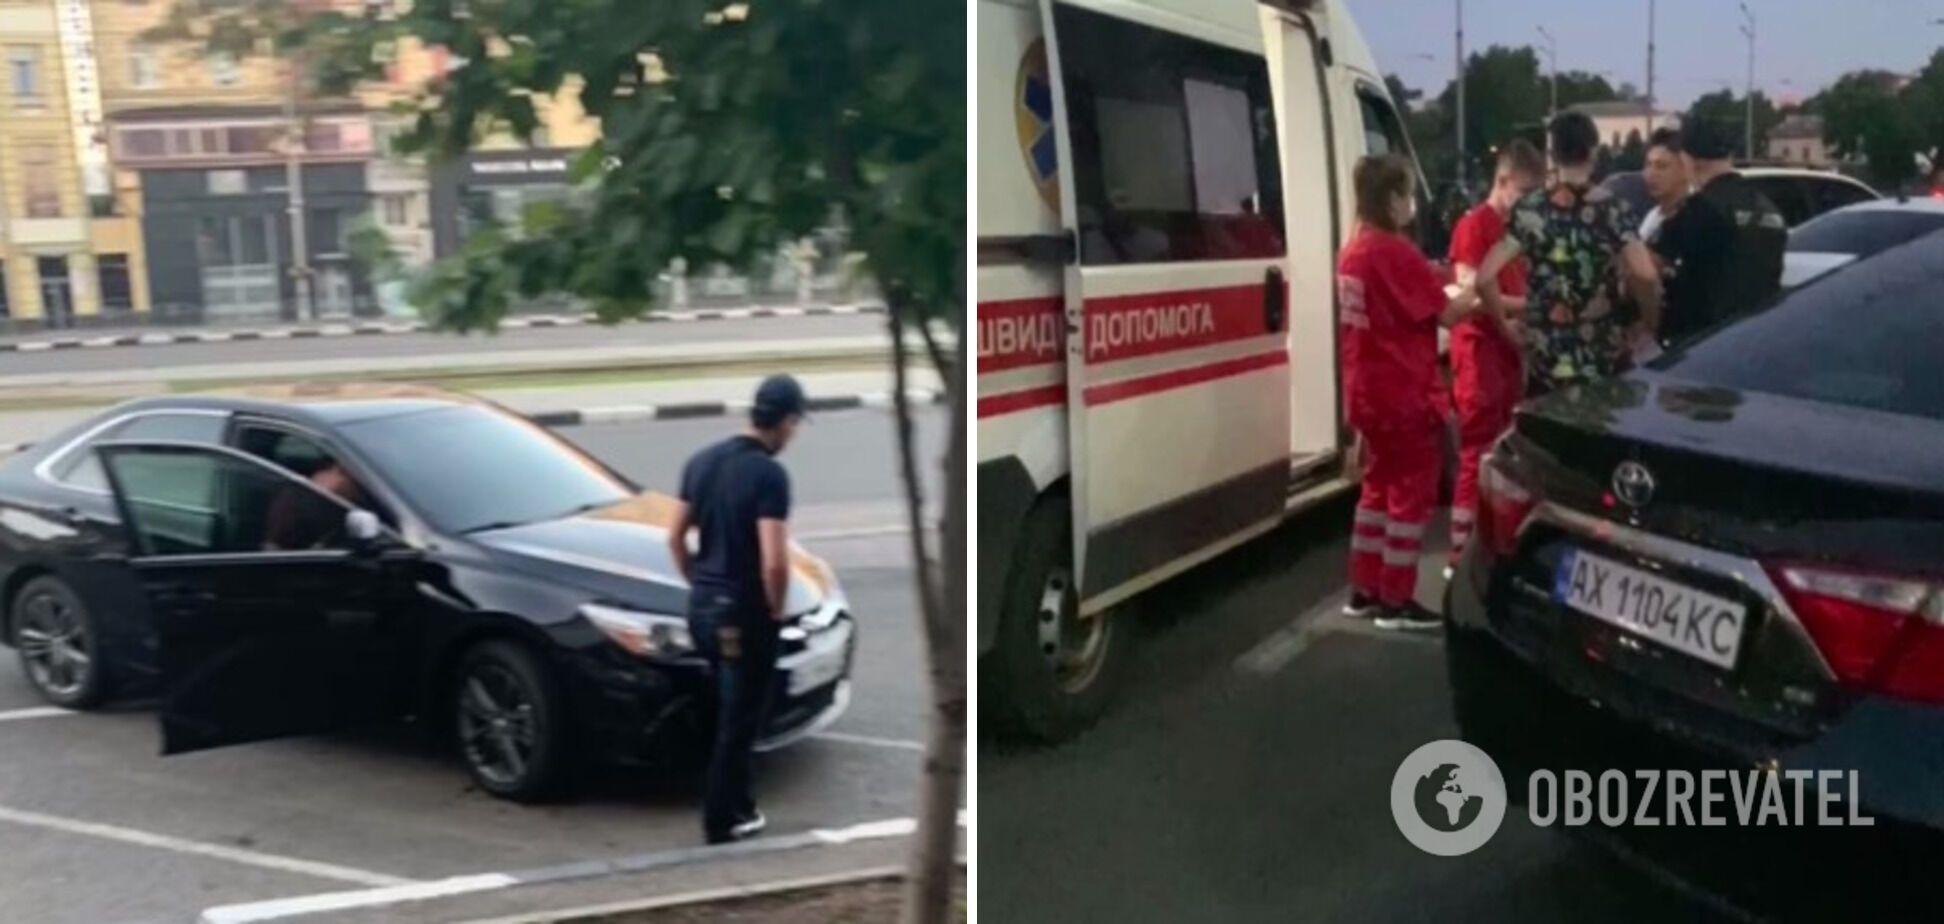 Винуватець нападу втік із місця інциденту на авто